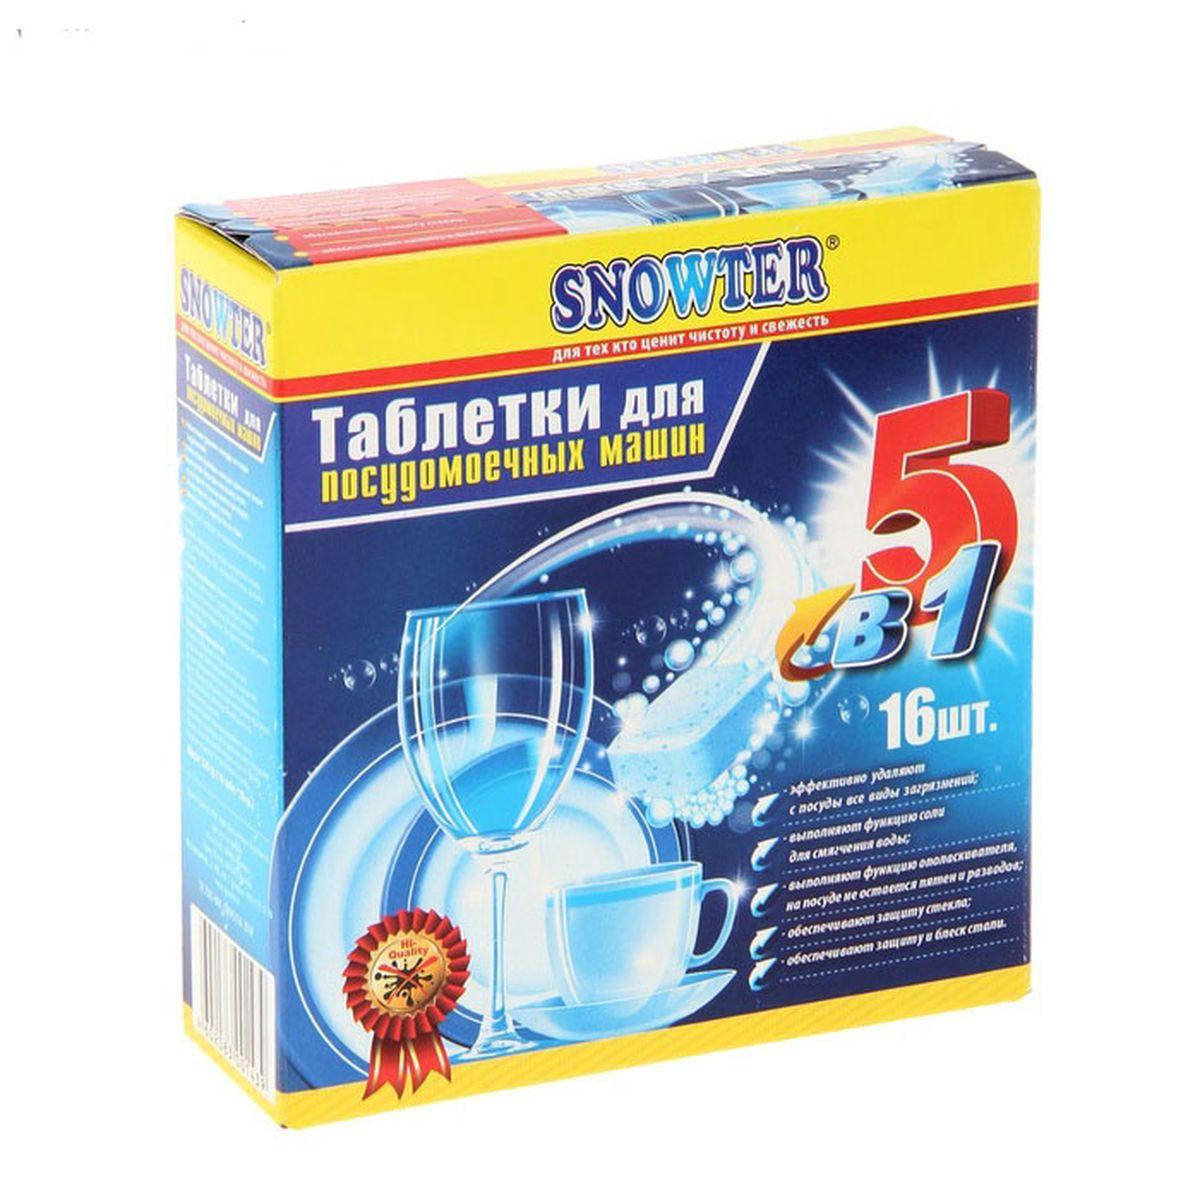 Таблетки для посудомоечных машин Snowter 5 в 1, 16 шт x 20 г4602083001439Таблетки Snowter 5 в 1 подходят для посудомоечных машин всех типов. Основные преимущества данного средства: - эффективно удаляют с посуды все виды загрязнений, - выполняют функцию соли для смягчения воды, - выполняют функцию ополаскивателя: на посуде не остается пятен и разводов, - обеспечивают защиту стекла, - обеспечивают защиту и блеск стали. Состав: триполифосфат натрия (более 30%), перкарбонат натрия (5-15%), поликарбоксилат (5- 15%), фосфаты (5-15%), неионогенные ПАВ (менее 5%), ТАЕД, энимы. Товар сертифицирован. Уважаемые клиенты! Обращаем ваше внимание на возможные изменения в дизайне упаковки. Качественные характеристики товара остаются неизменными. Поставка осуществляется в зависимости от наличия на складе.